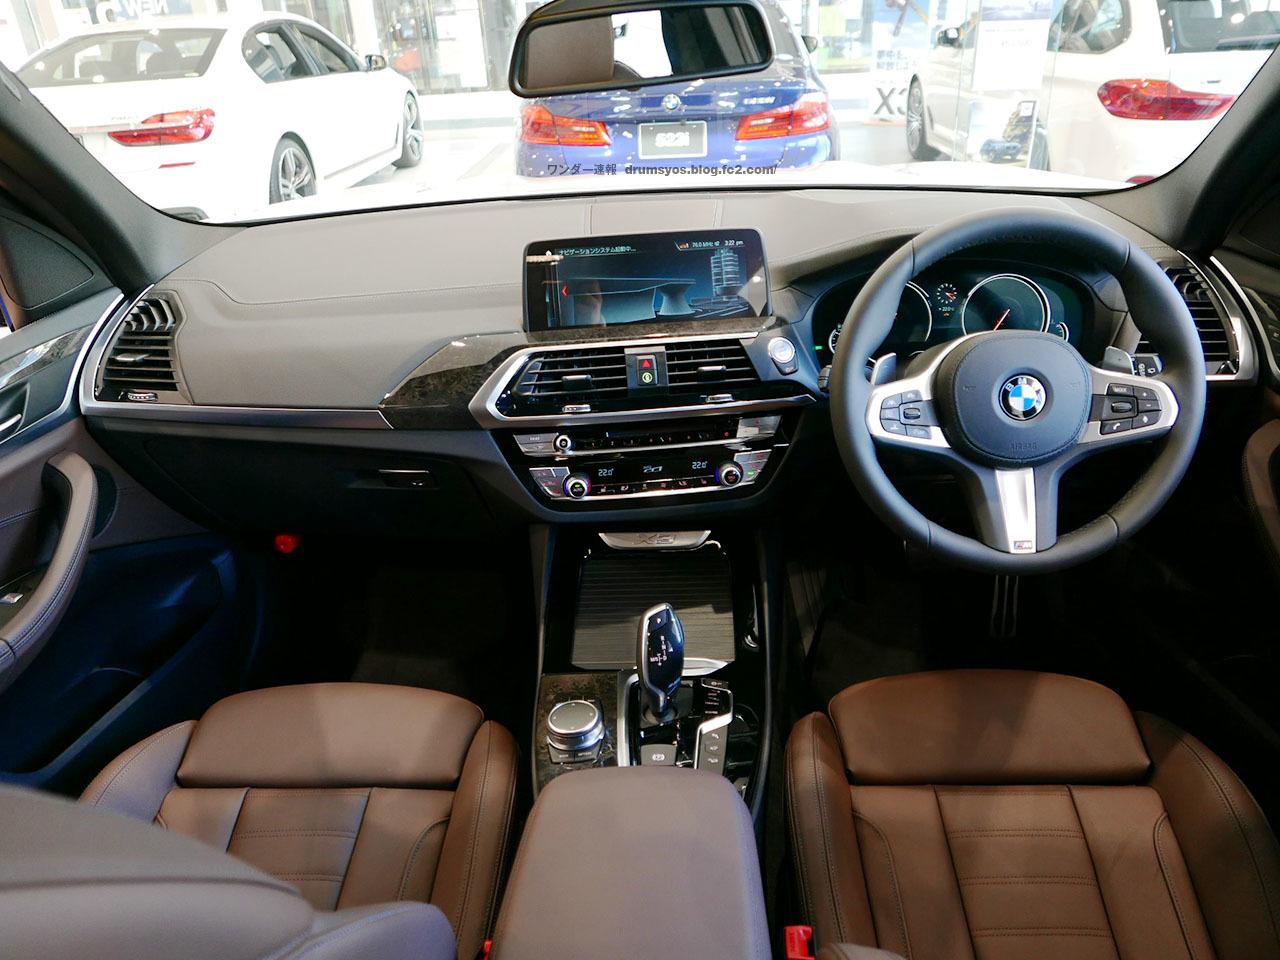 BMWX3_07_20180102170619dc9.jpg